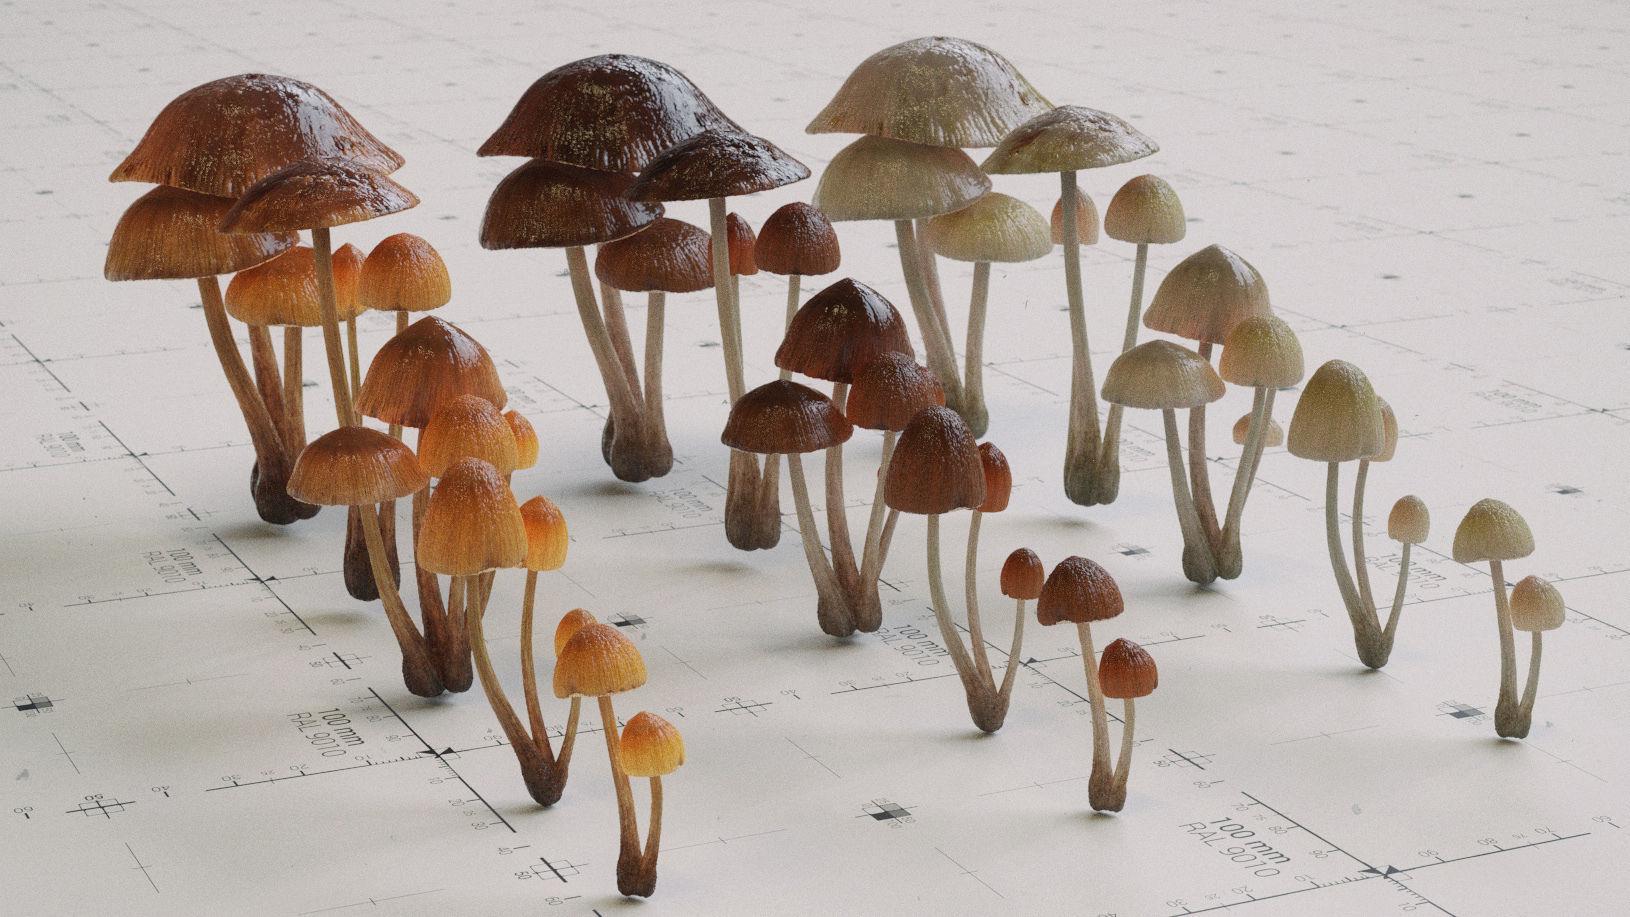 Mushroom Psilocybe 3 Types plus Emissive Textures - PBR AssetKit